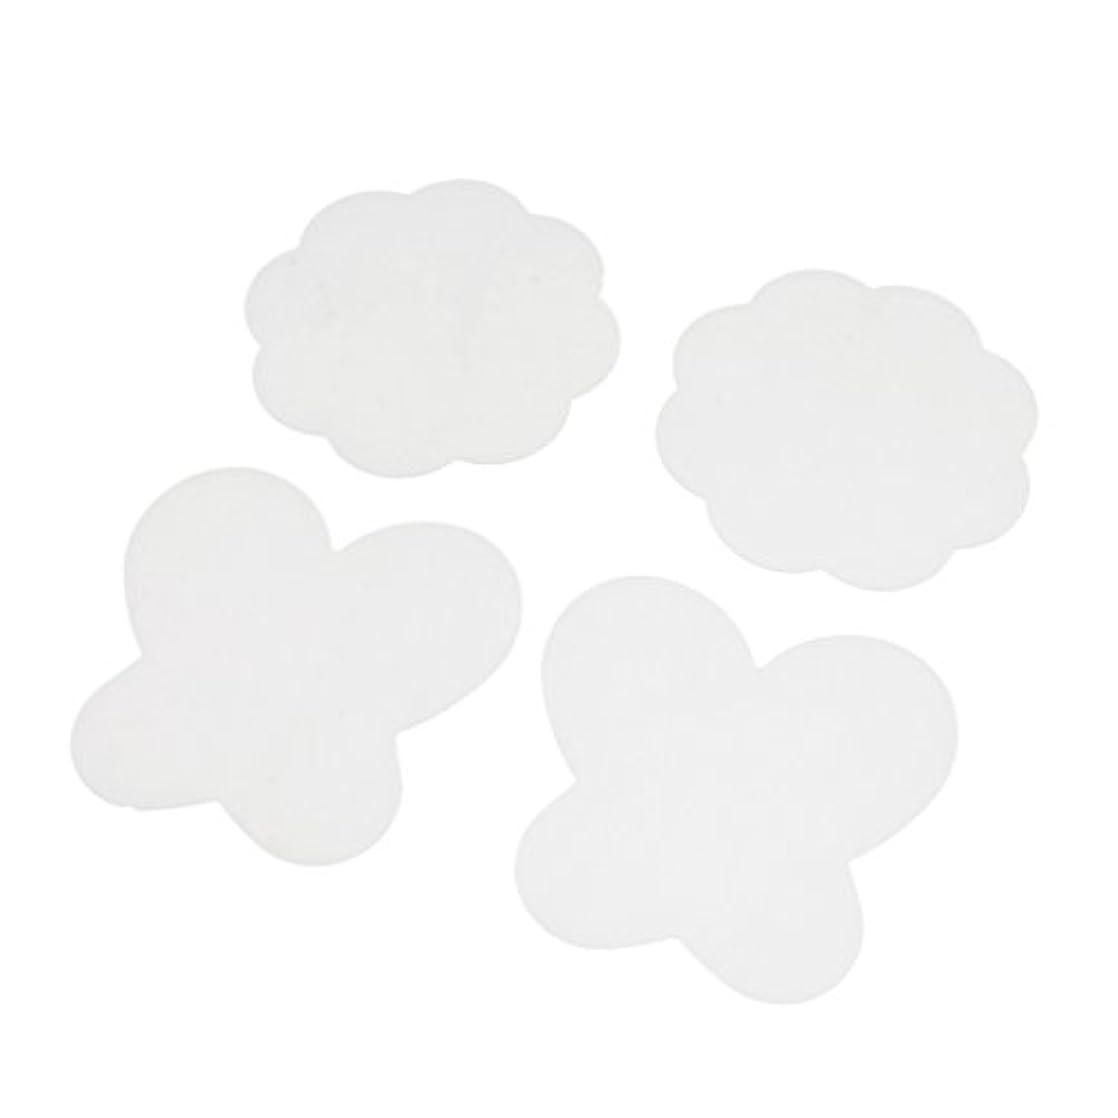 飛躍接触遅らせるPerfeclan 4個入 シリコン ミキシングペイント マット パレットマット 折り畳み式 洗える ネイルアートパッド 全4色 - クリア